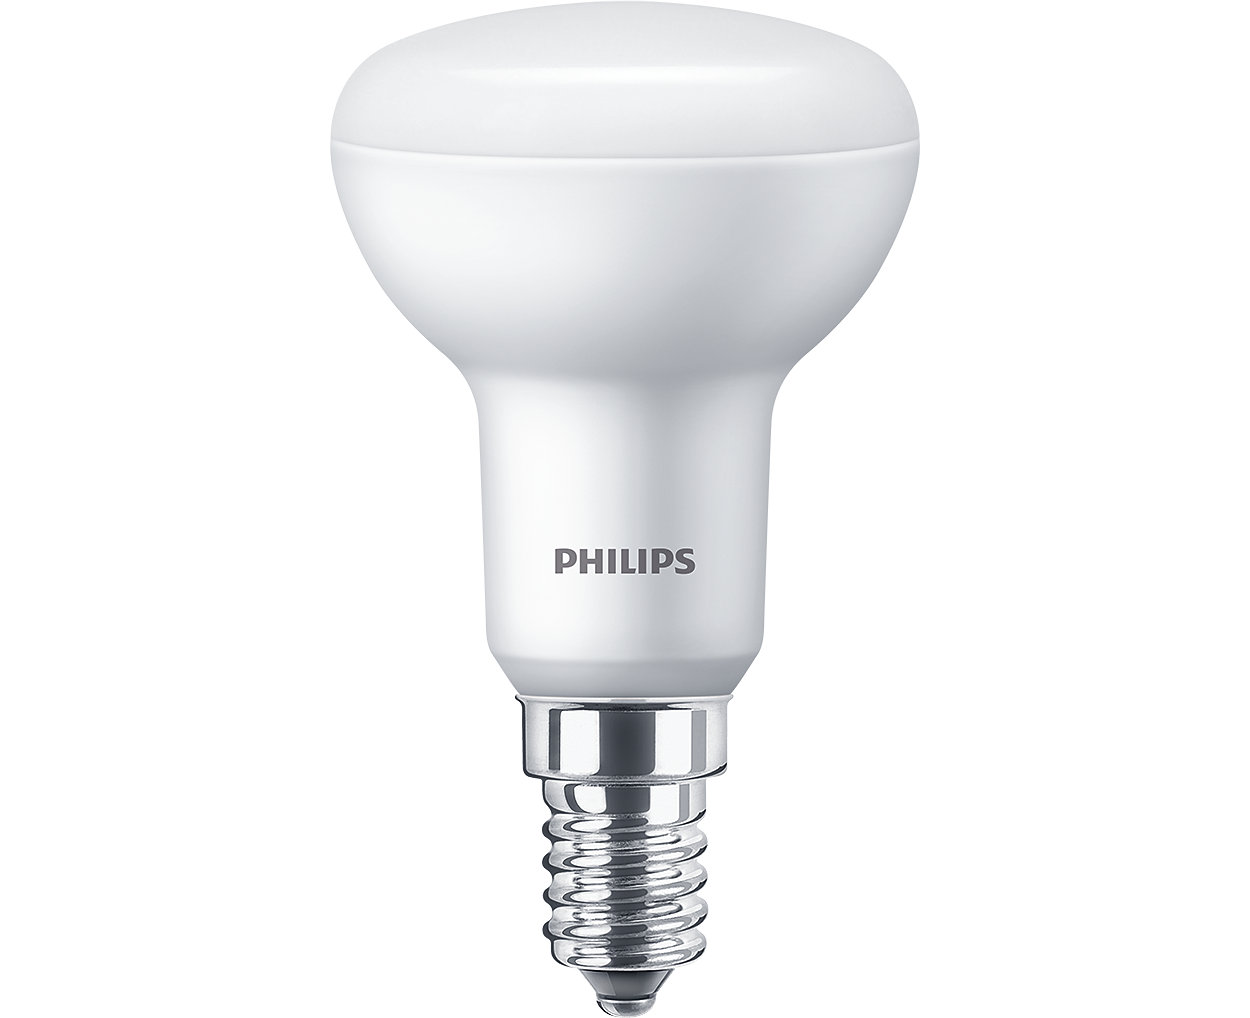 Led Spot 4w E14 4000k 230v R50 Rca Essential Led Philips